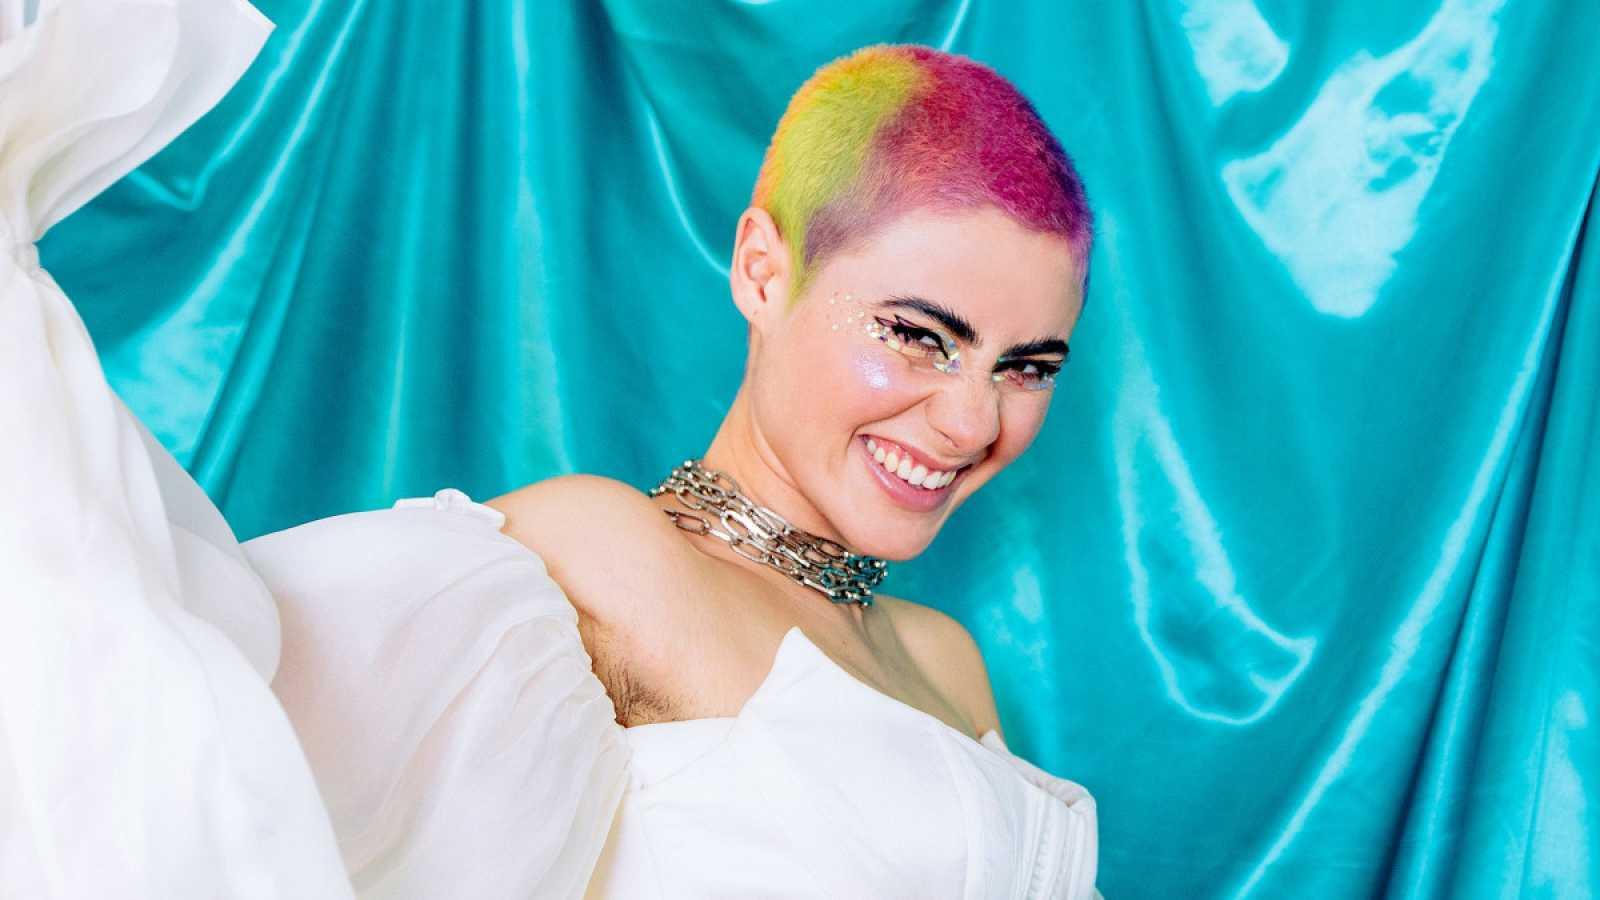 """Eurovisión 2021 - Montaigne, de Australia - """"Technicolour"""" (Videoclip oficial)"""